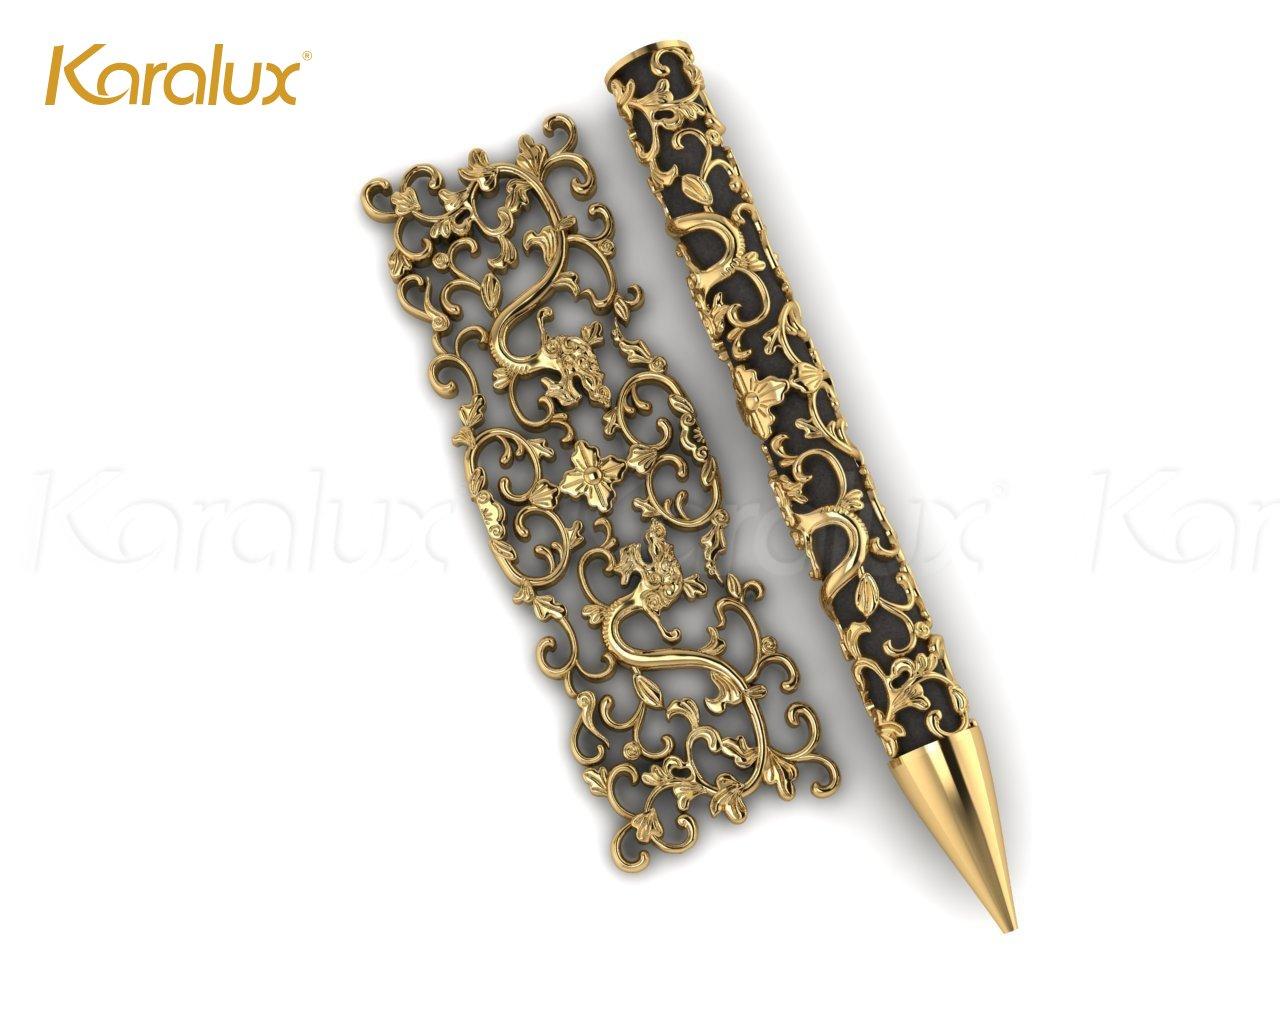 Đội ngũ thiết kế Karalux lên thiết kế trước mẫu bút trước khi sản xuất chính thức